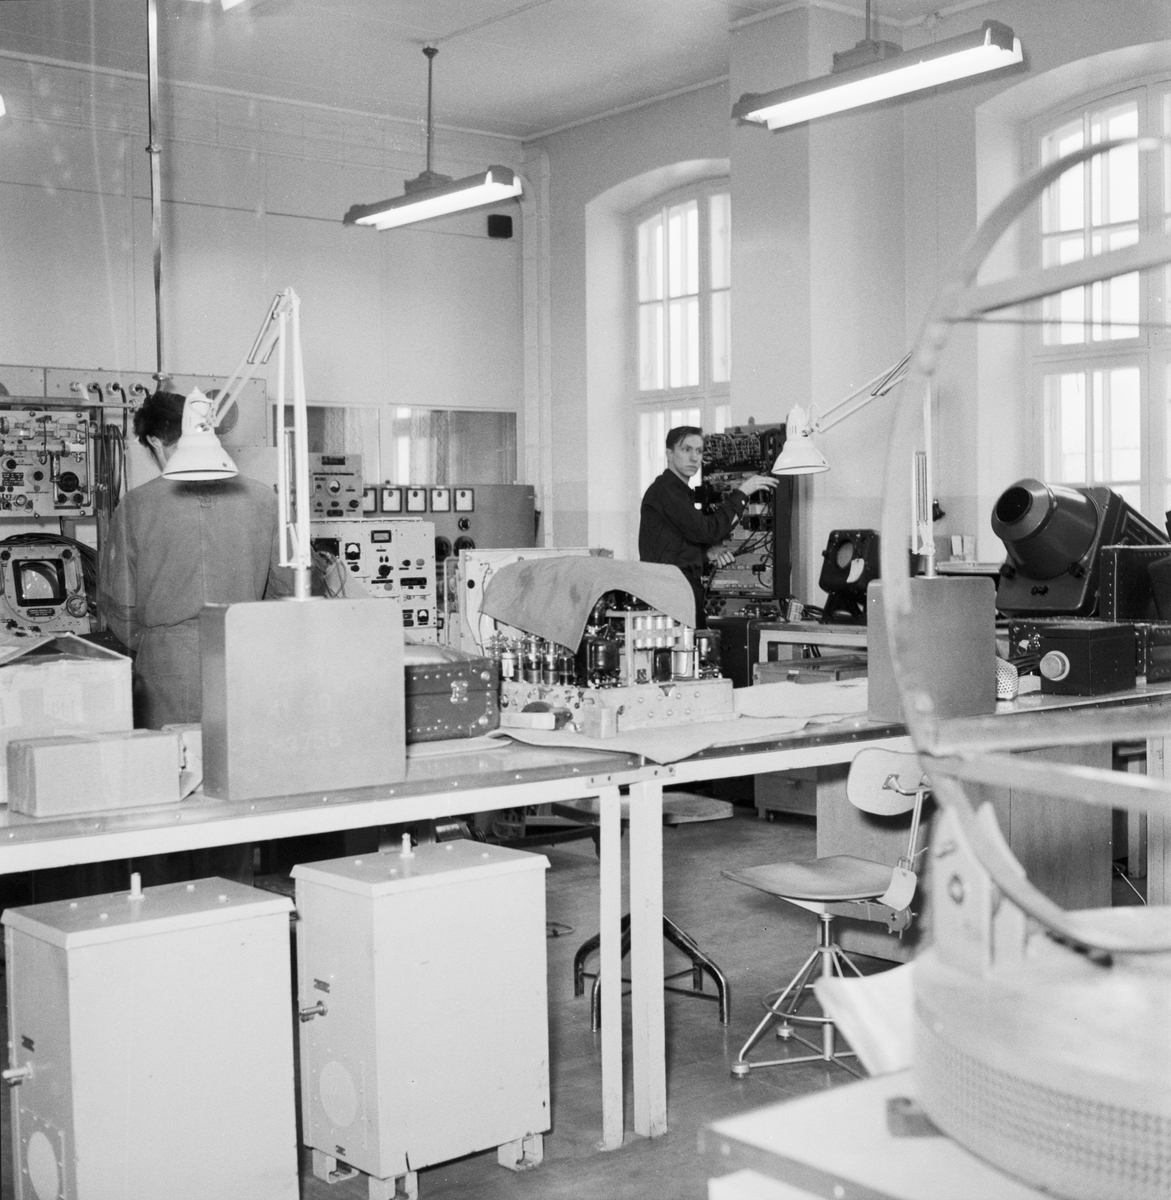 Övrigt: Foto datum: 3/2 1956 Byggnader och kranar Televerkstan interiör